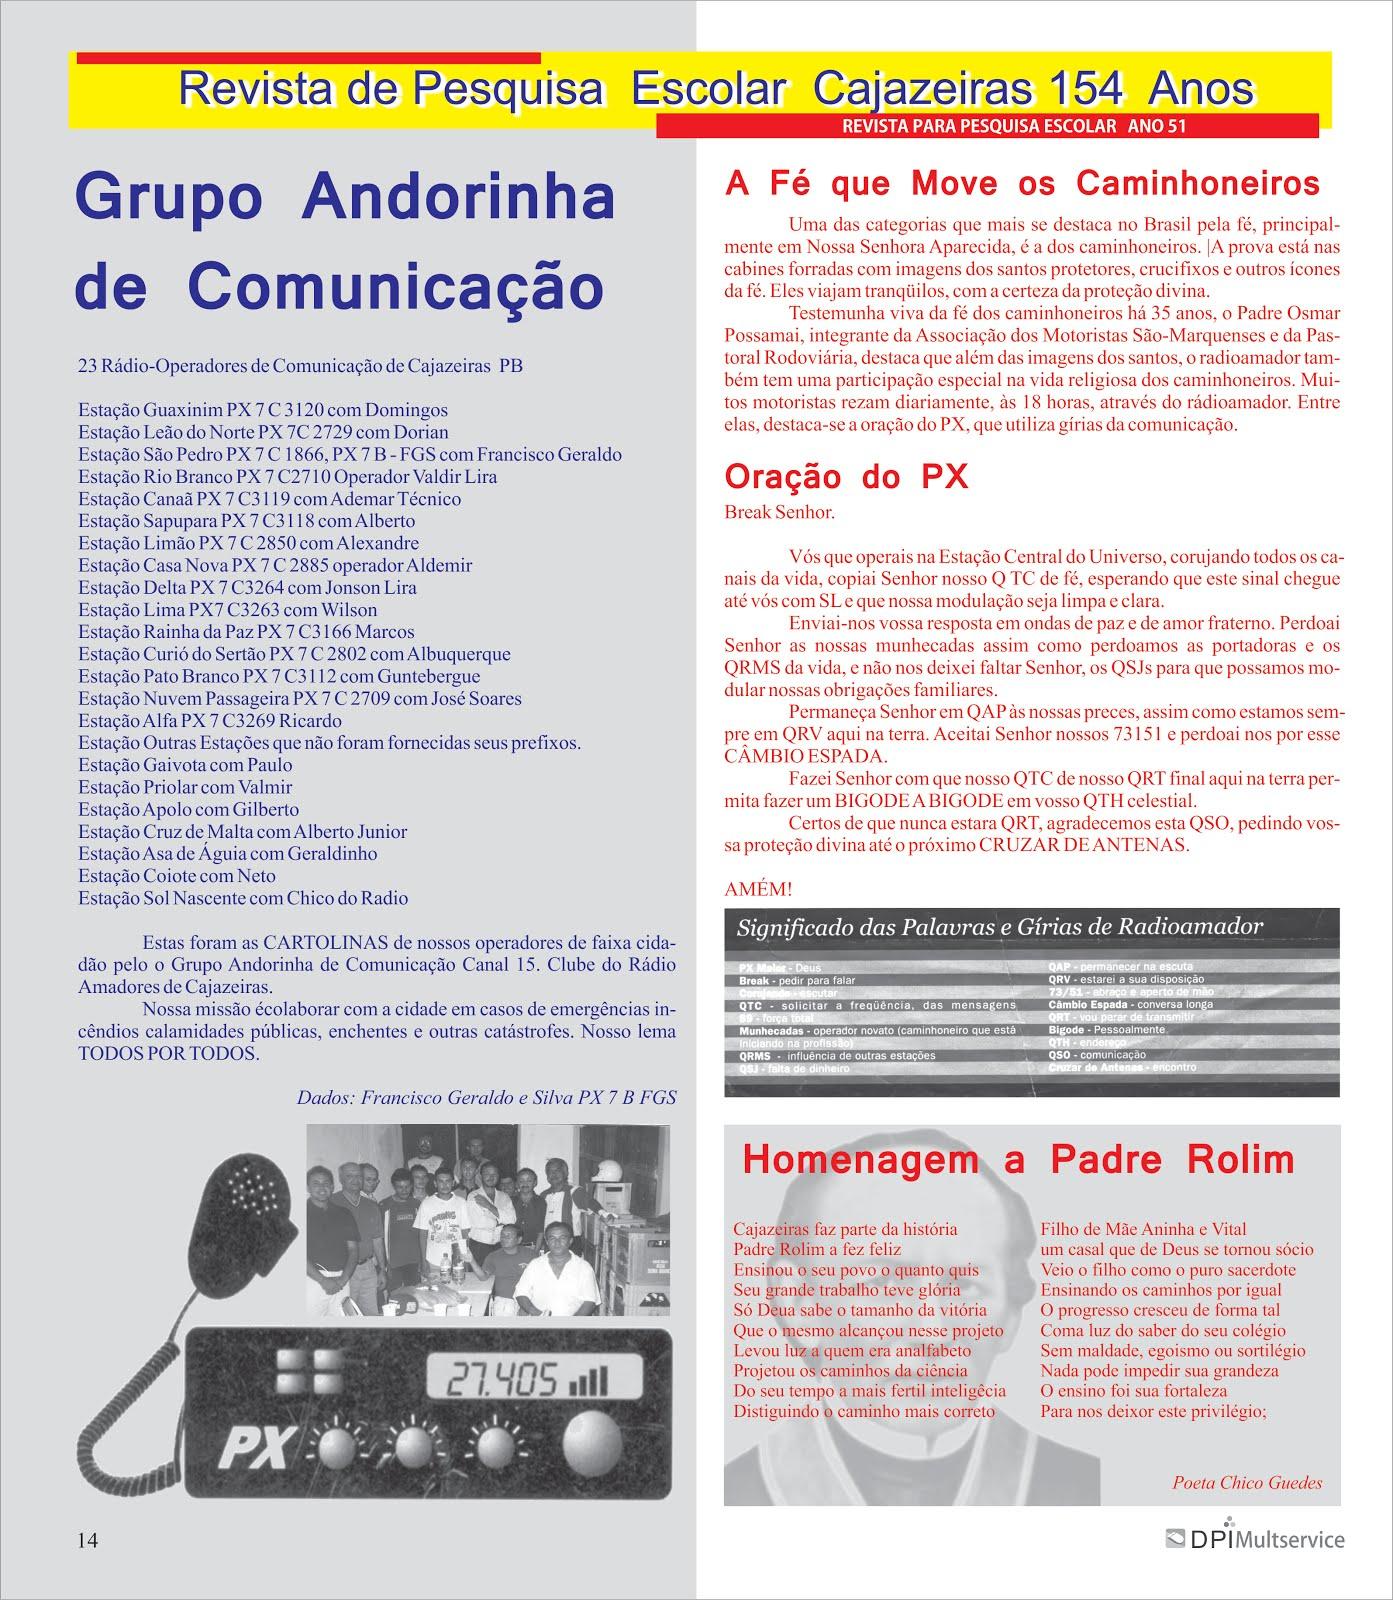 O  RADIO  AMADOR  E O FAIXA  CIDADÃO AINDA PERSISTE A  SOBREVIVER  NA COMUNICAÇÃO  DOS TUBARÕES